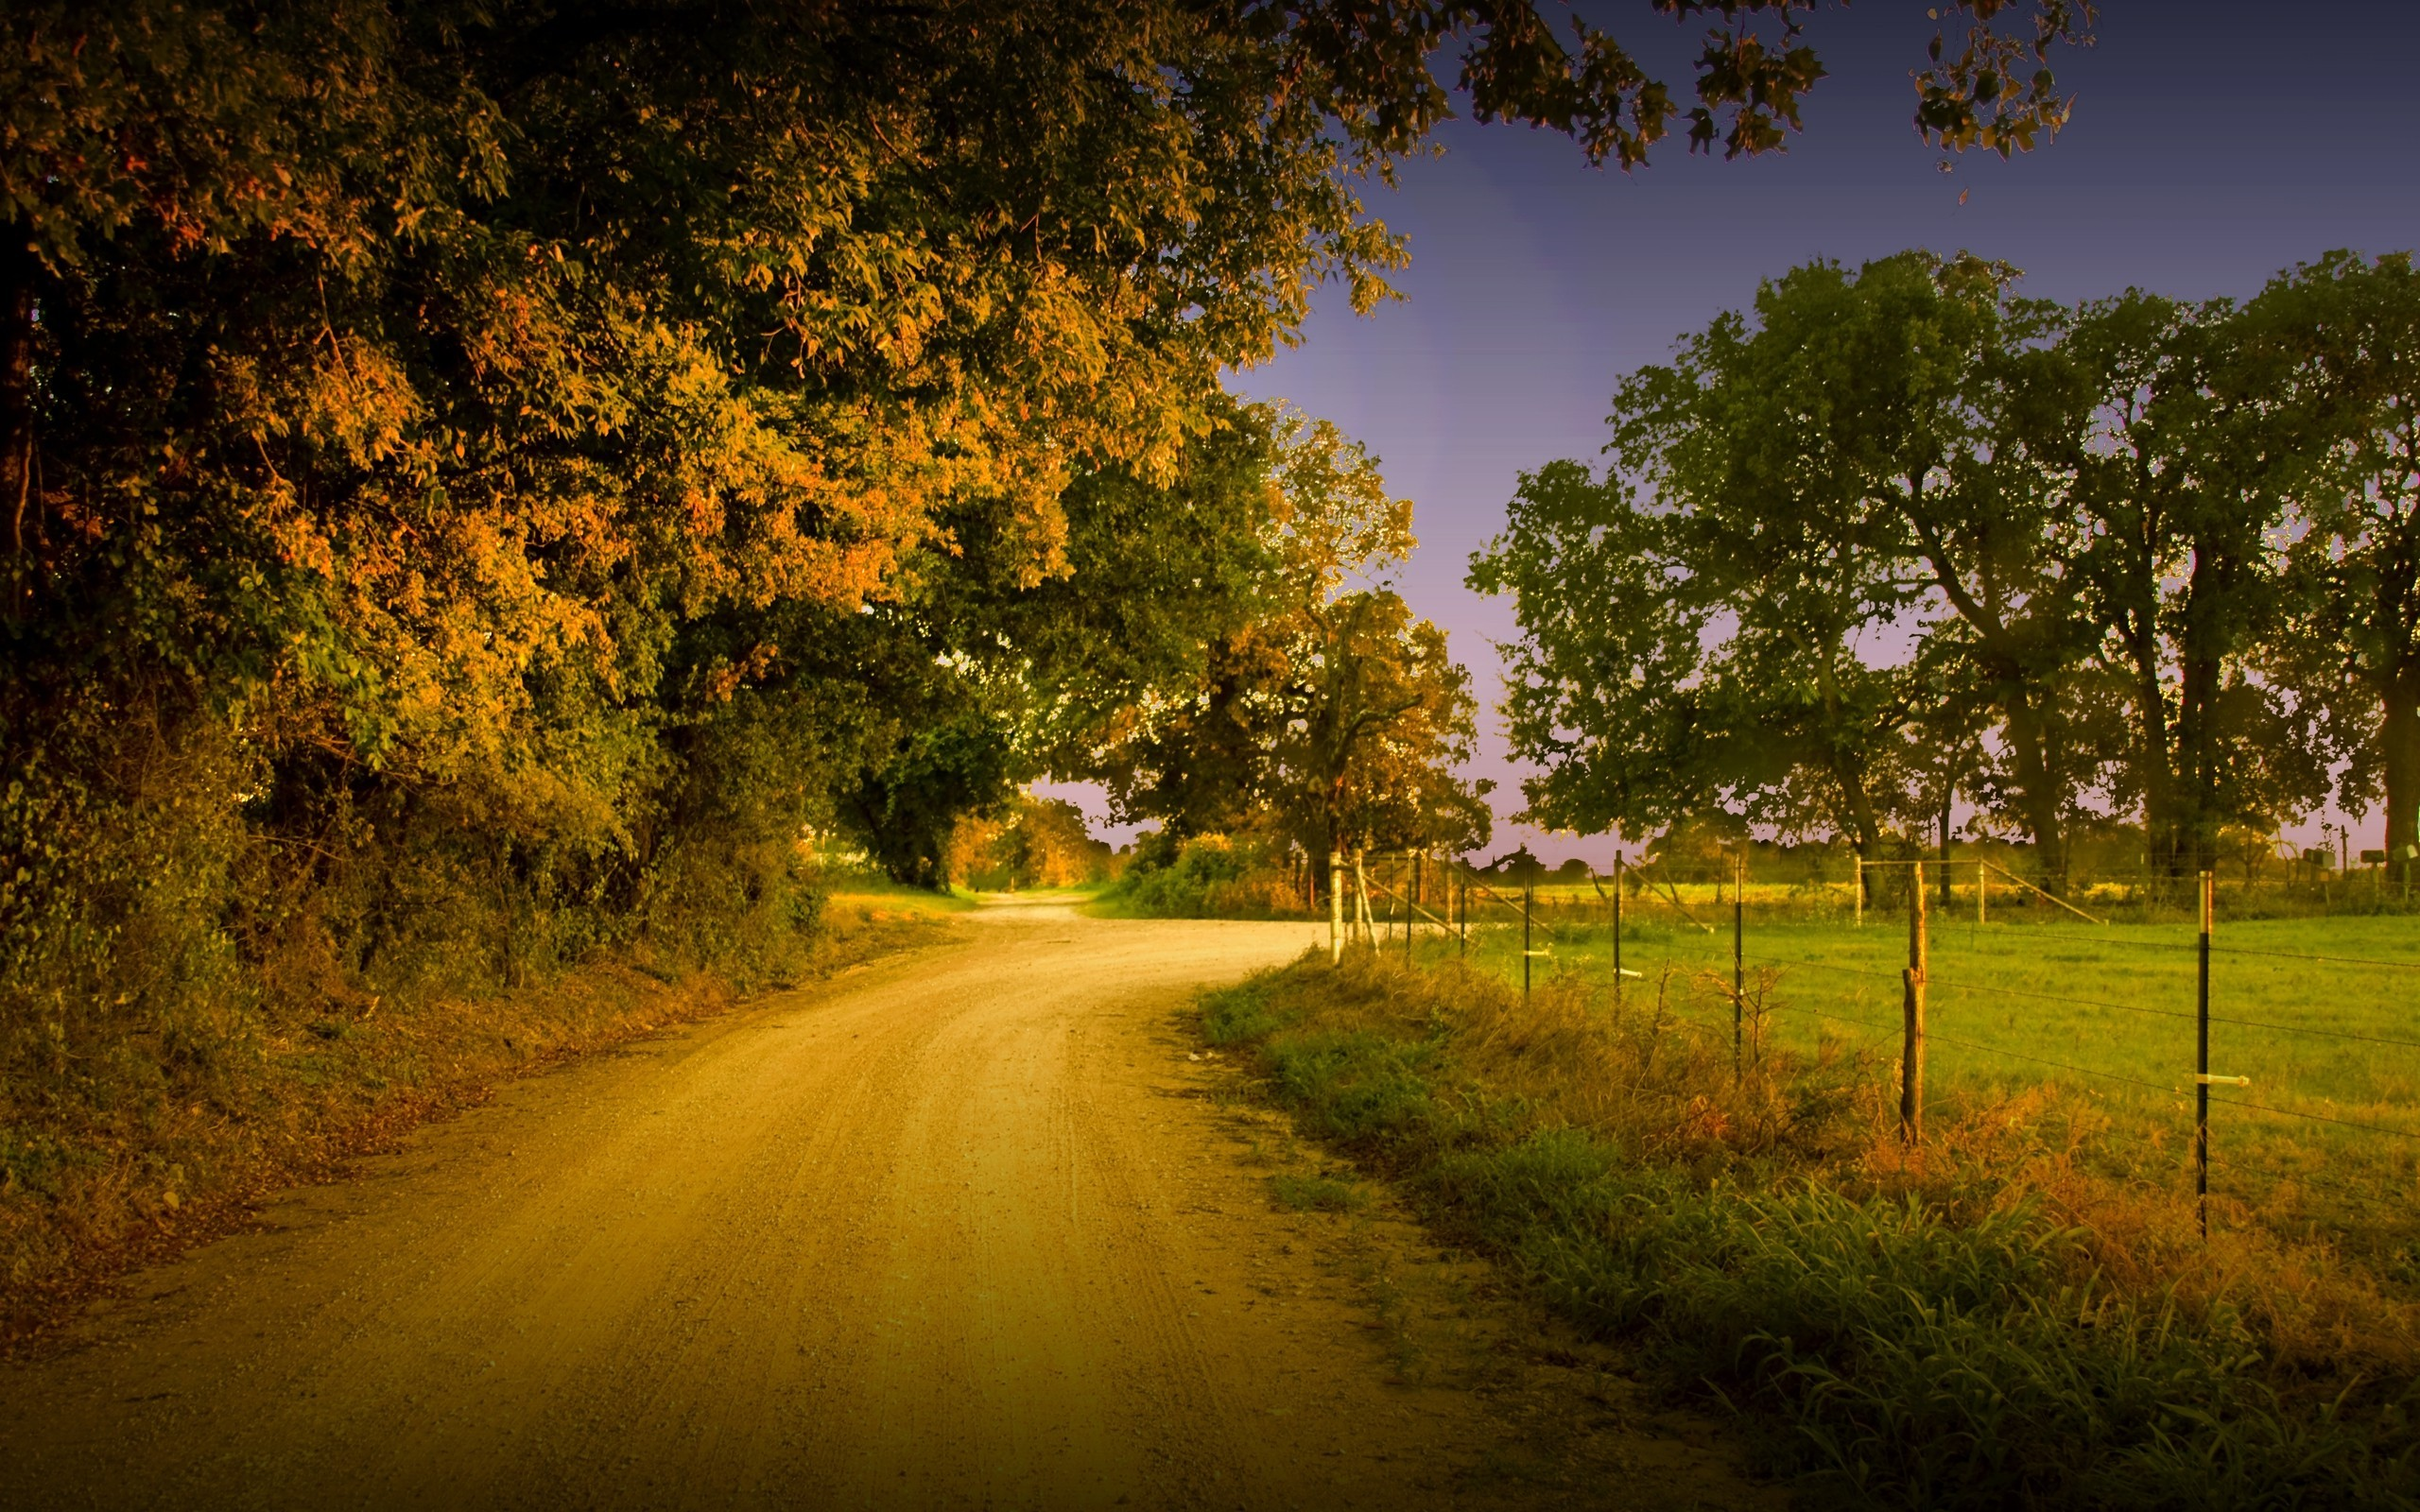 Country Road Wallpapers Desktop Wallpapersafari HD Wallpapers Download Free Images Wallpaper [1000image.com]